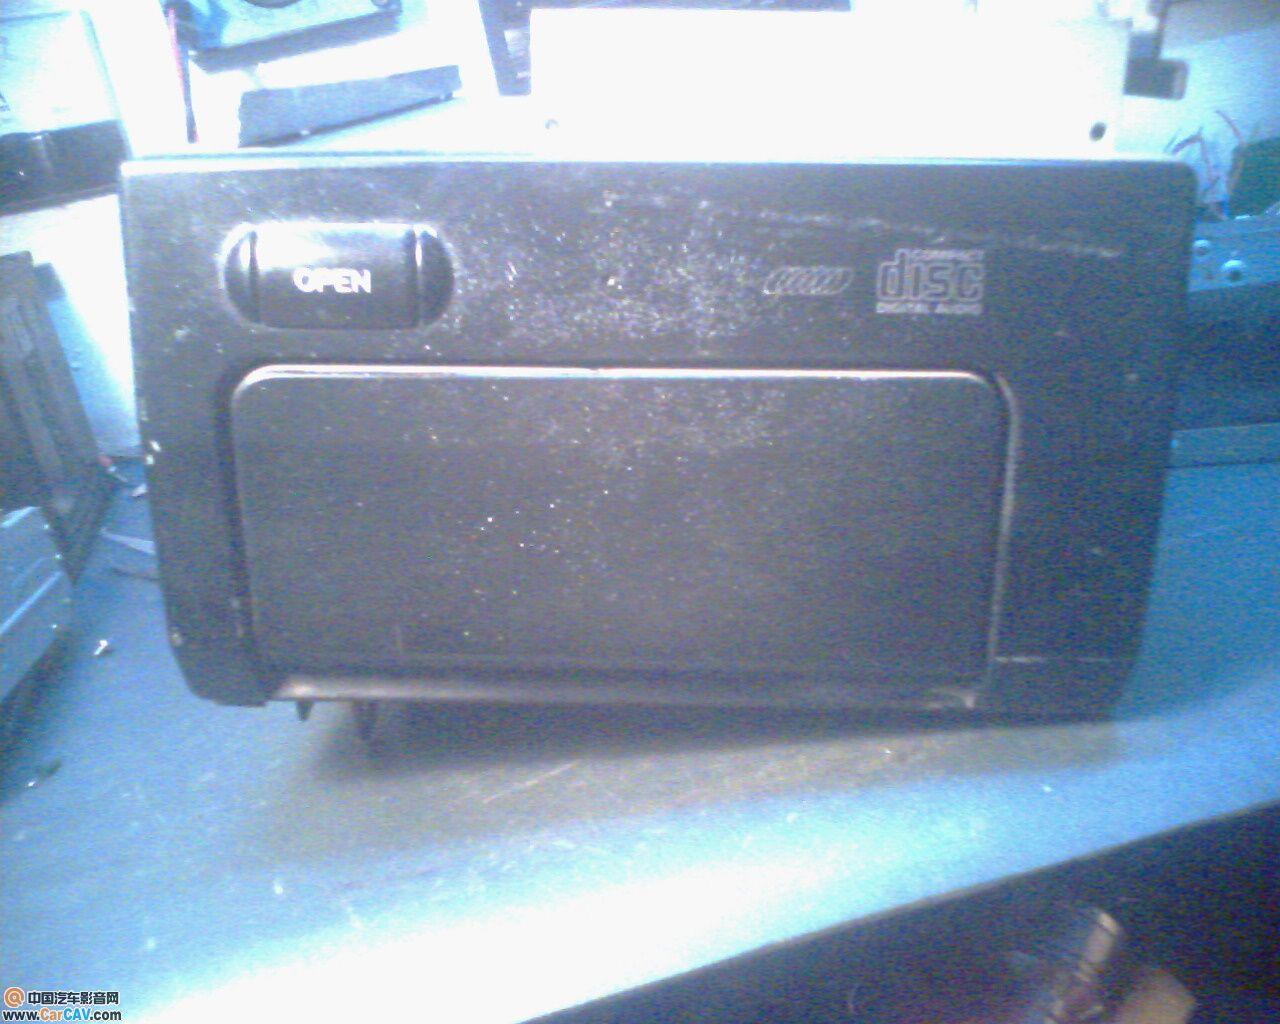 凌志6碟CD,CDX M9751怎么接线 音响维修 汽车影音网论坛 汽车音响高清图片